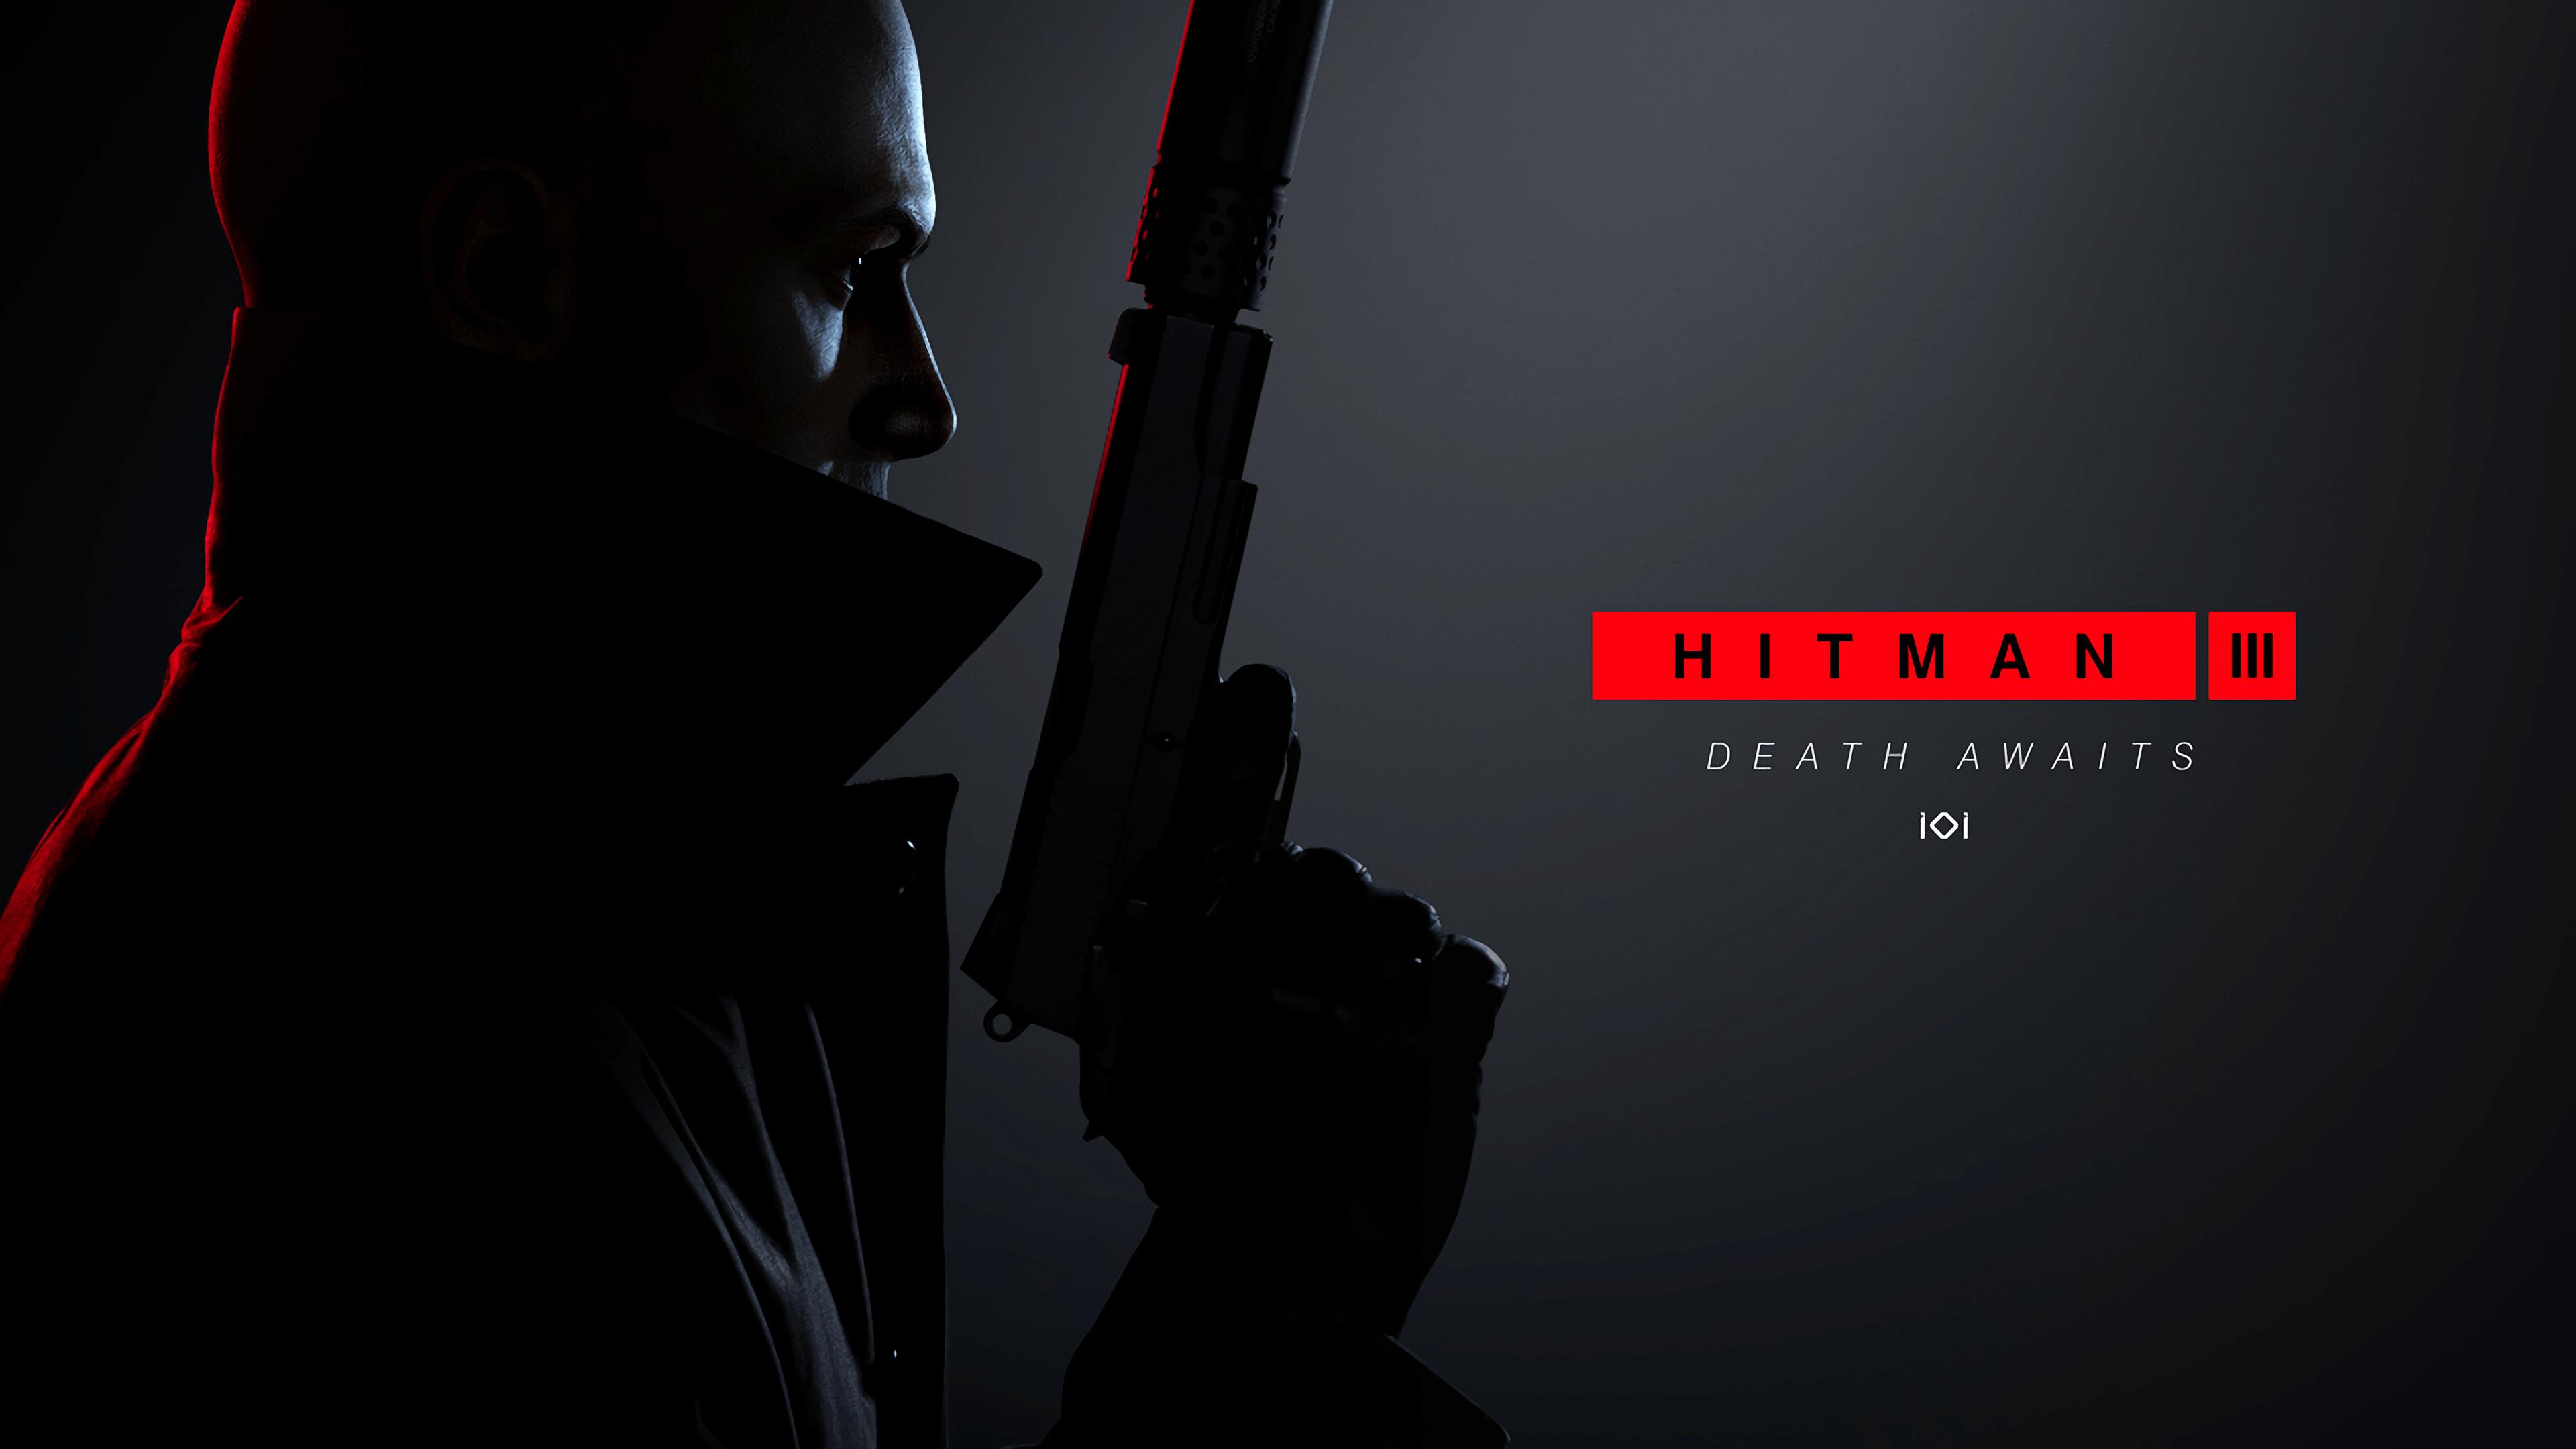 hitman 3 video game wallpaper 73059